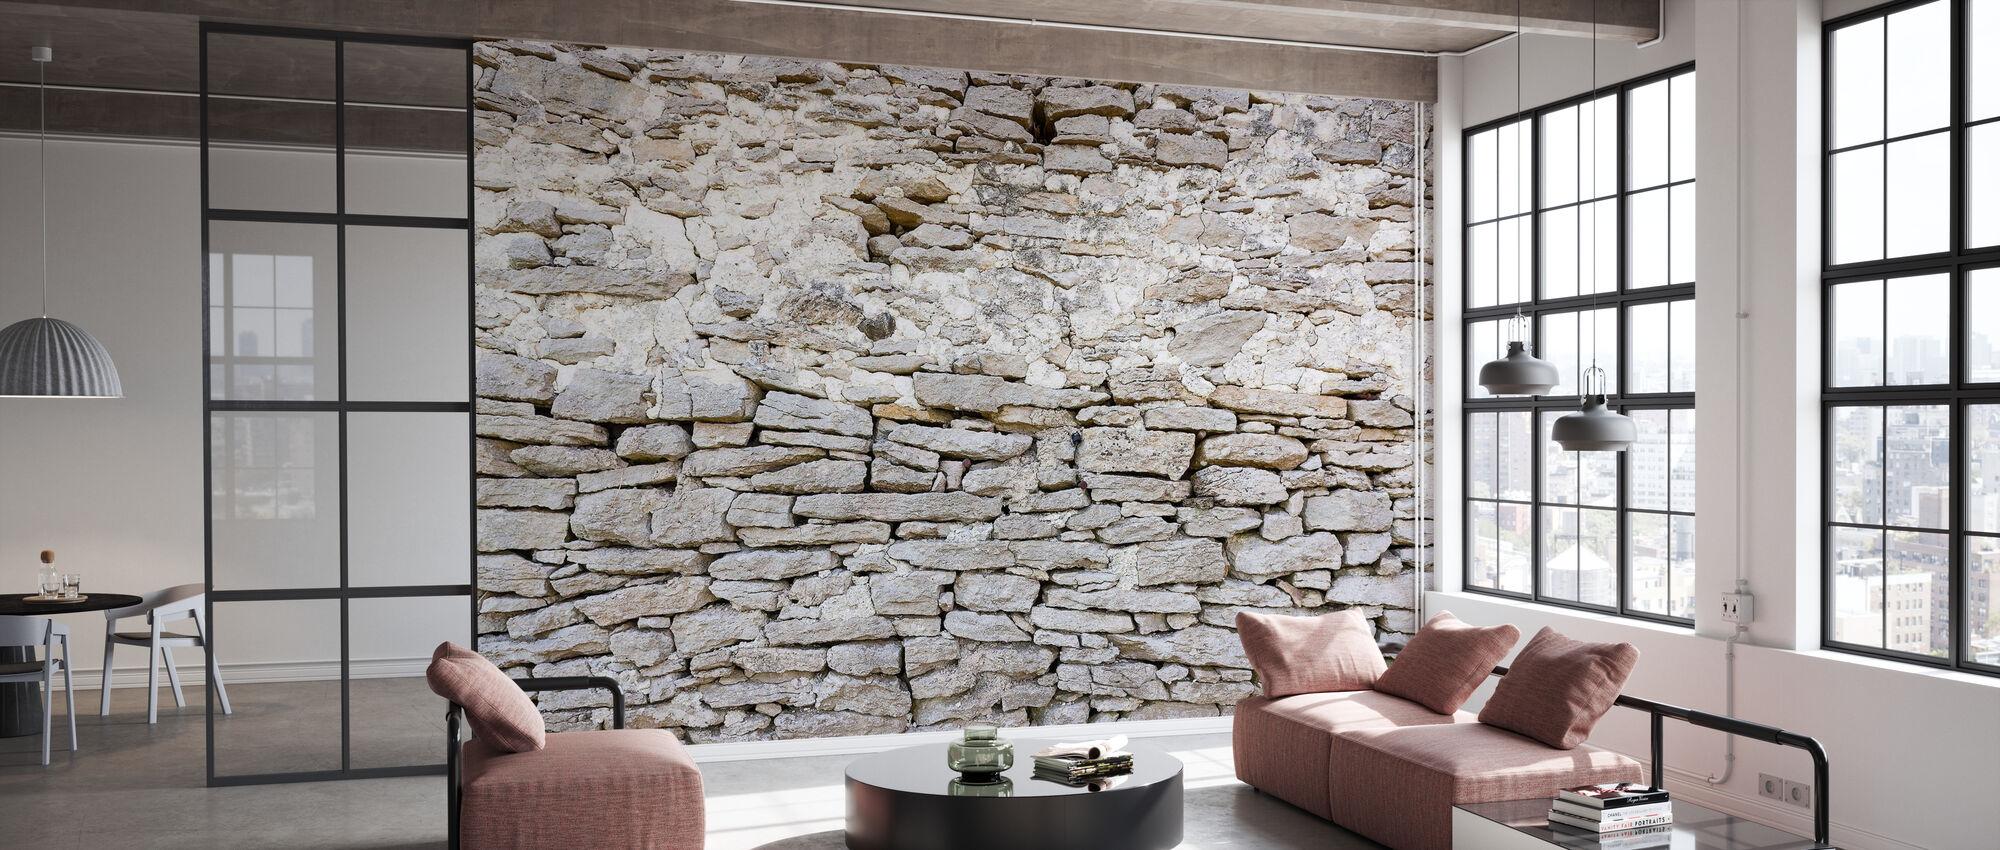 Oude Stenen Muur - Behang - Kantoor